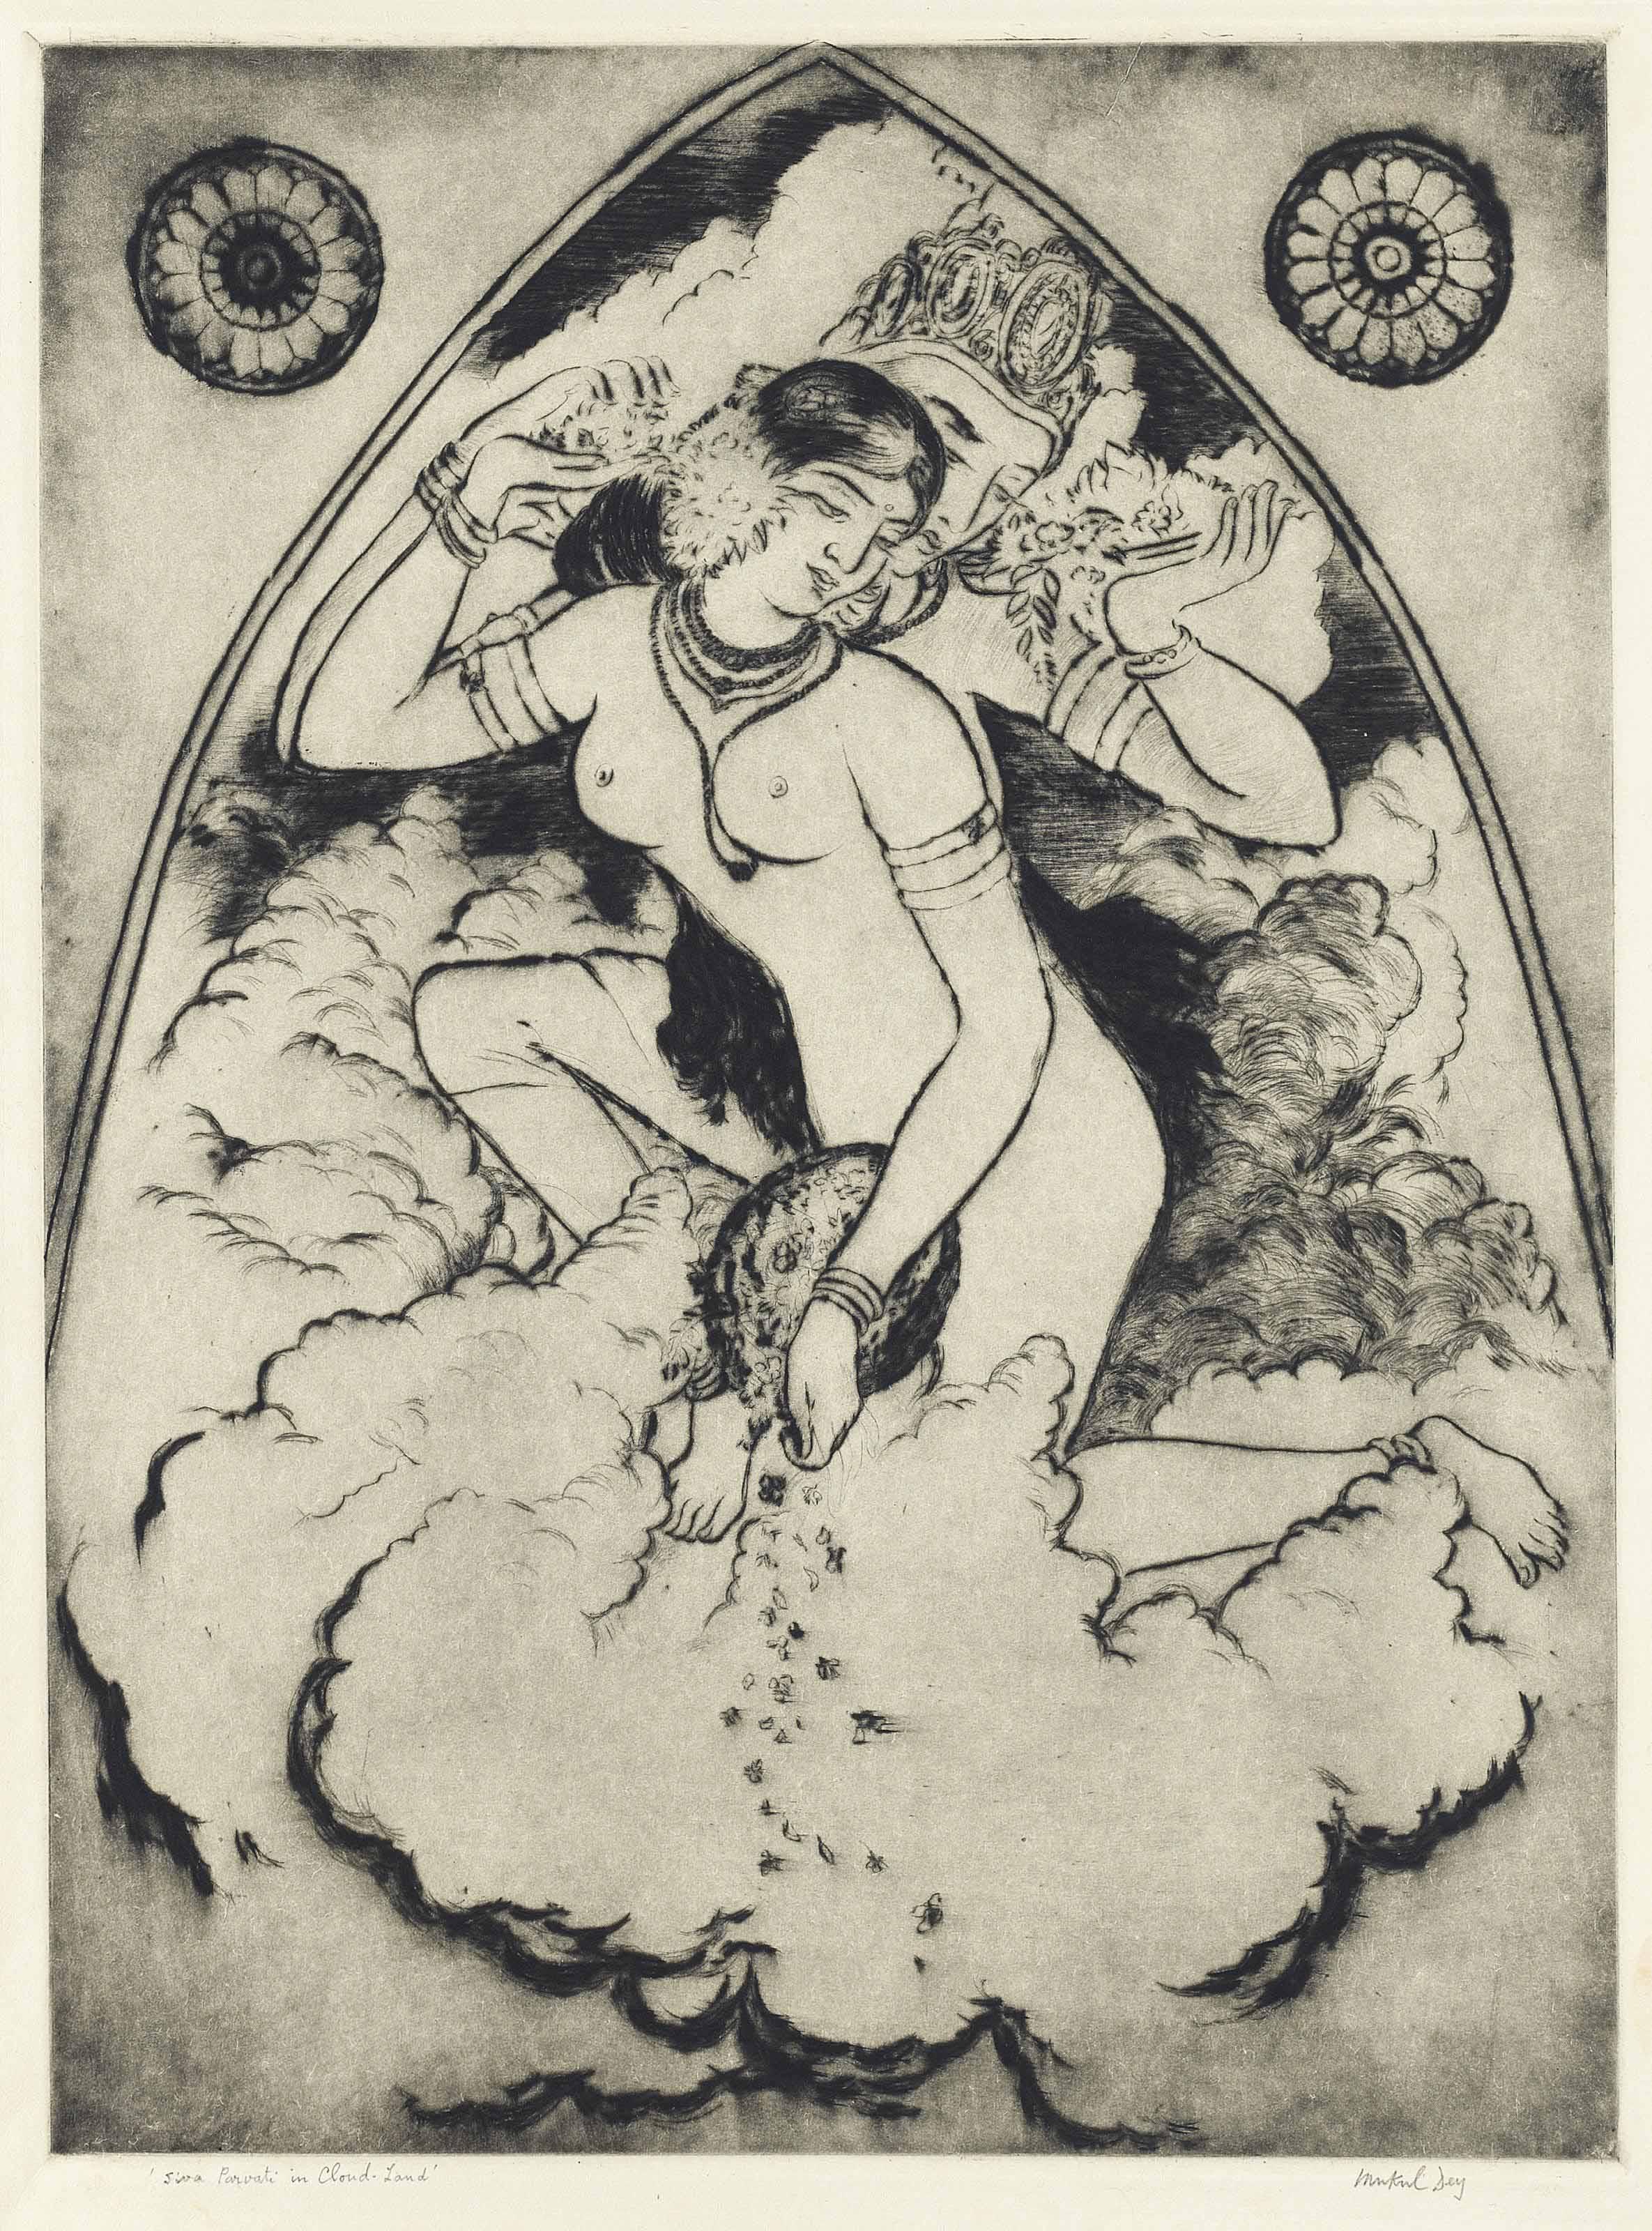 MUKUL DEY (1895-1989)